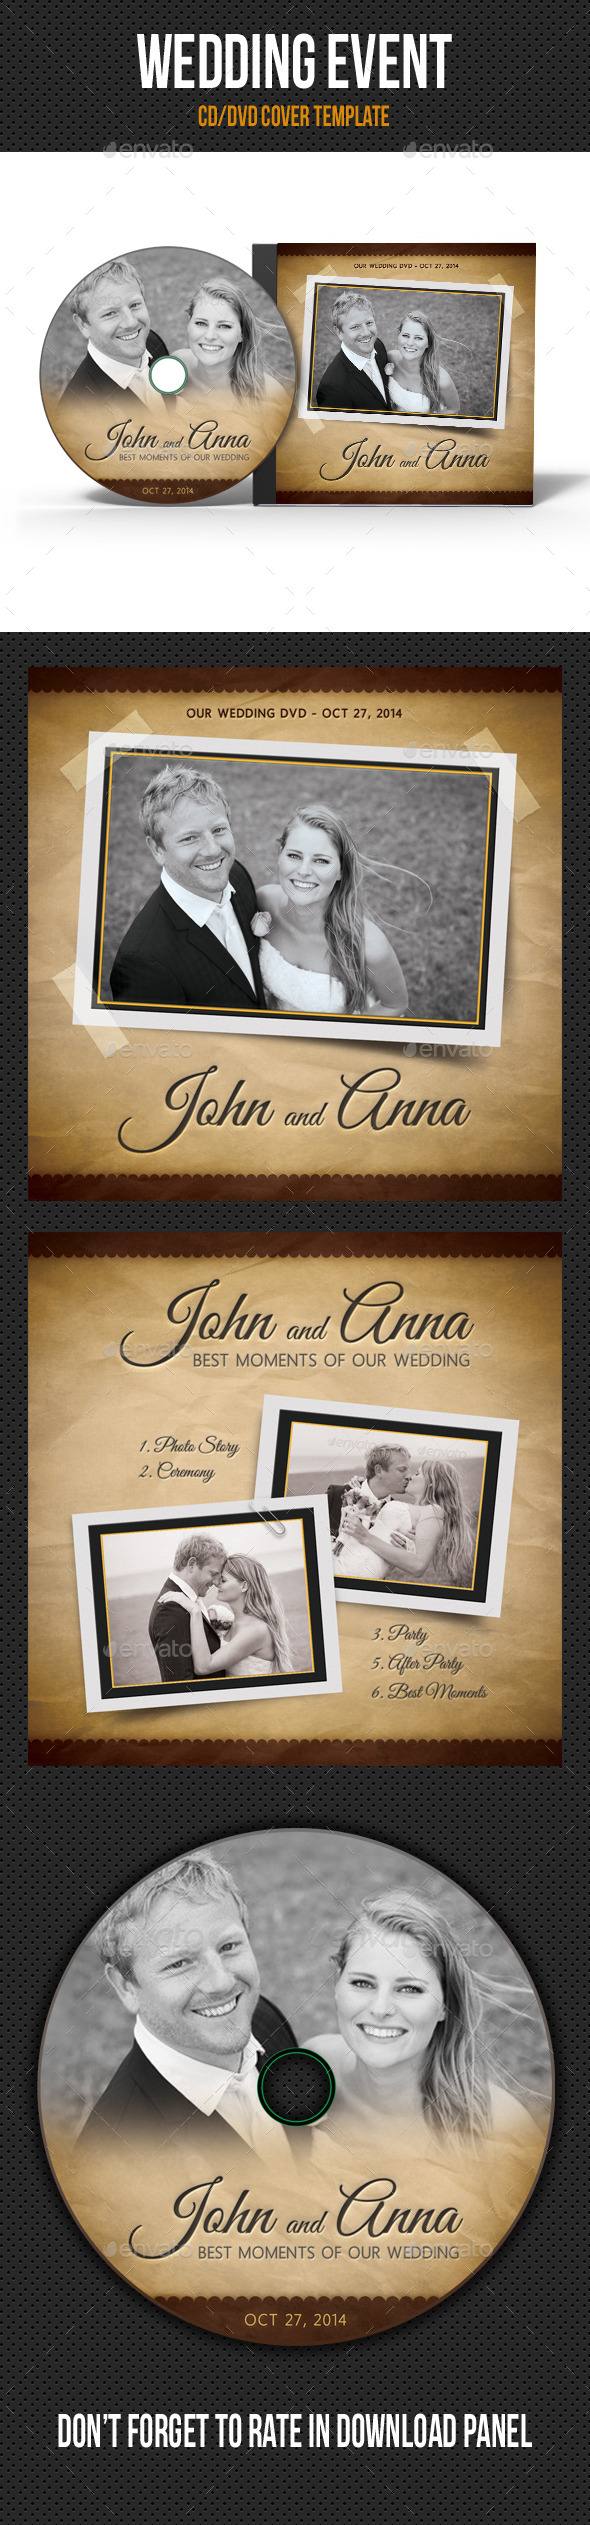 Retro Wedding Event CD Cover V03 - CD & DVD Artwork Print Templates